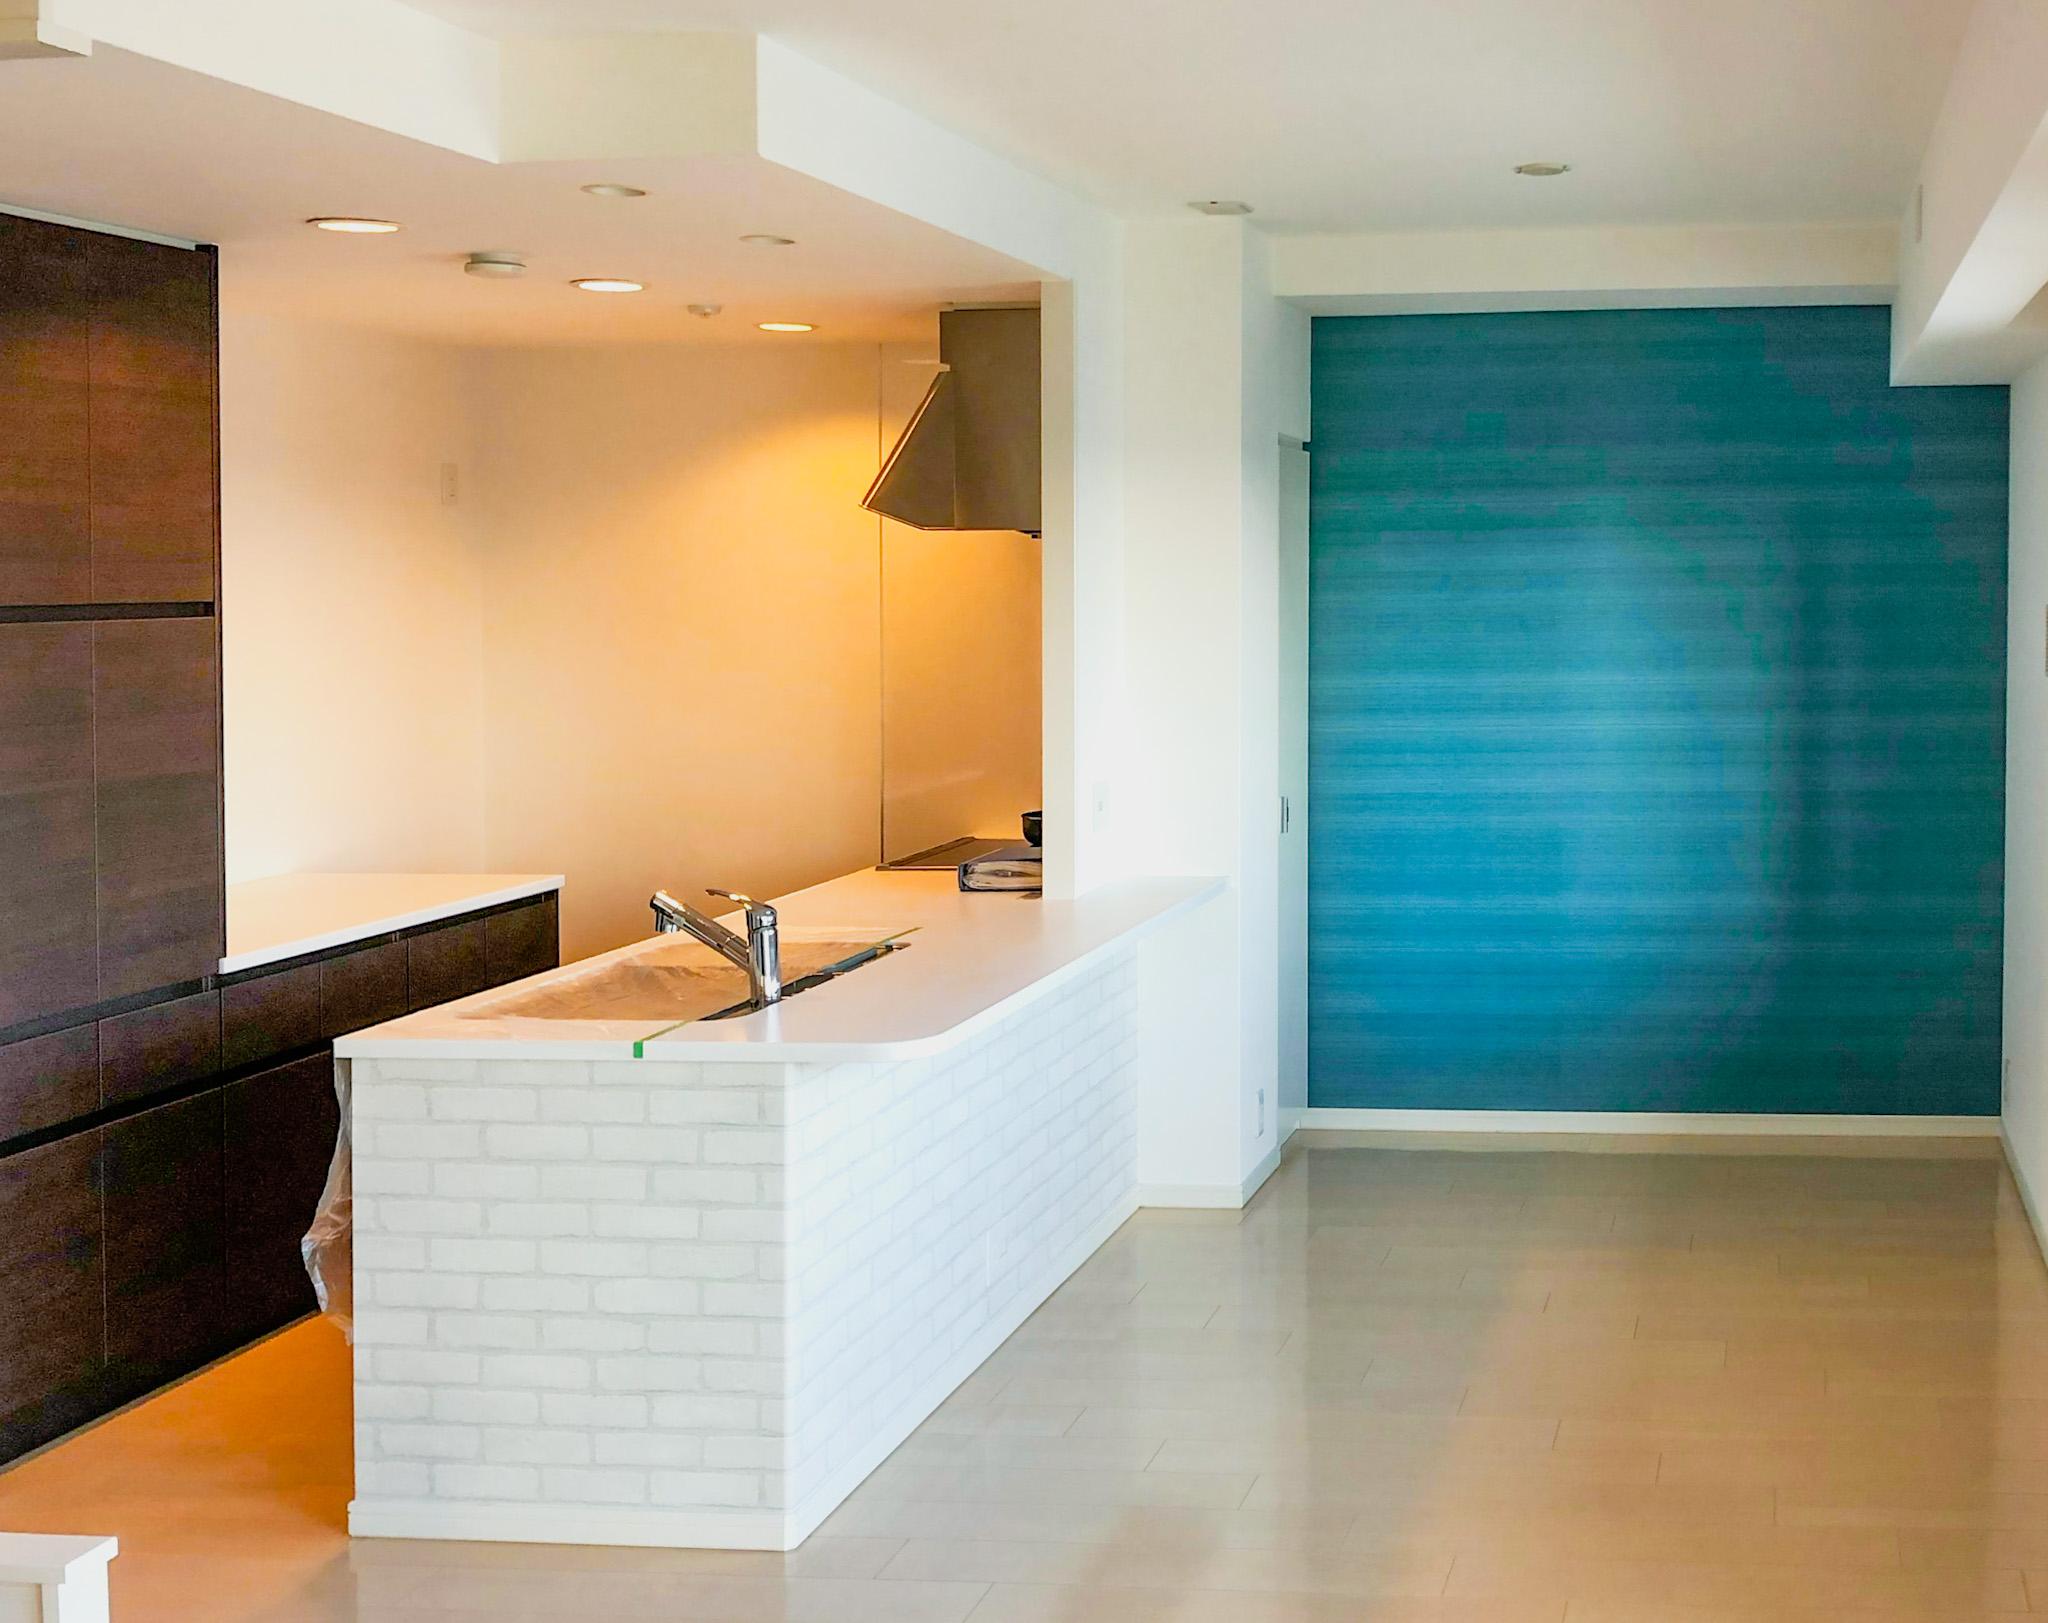 ハウスクリーニングとクロス貼替え・畳の新調リフォーム(神戸市灘区マンション事例)